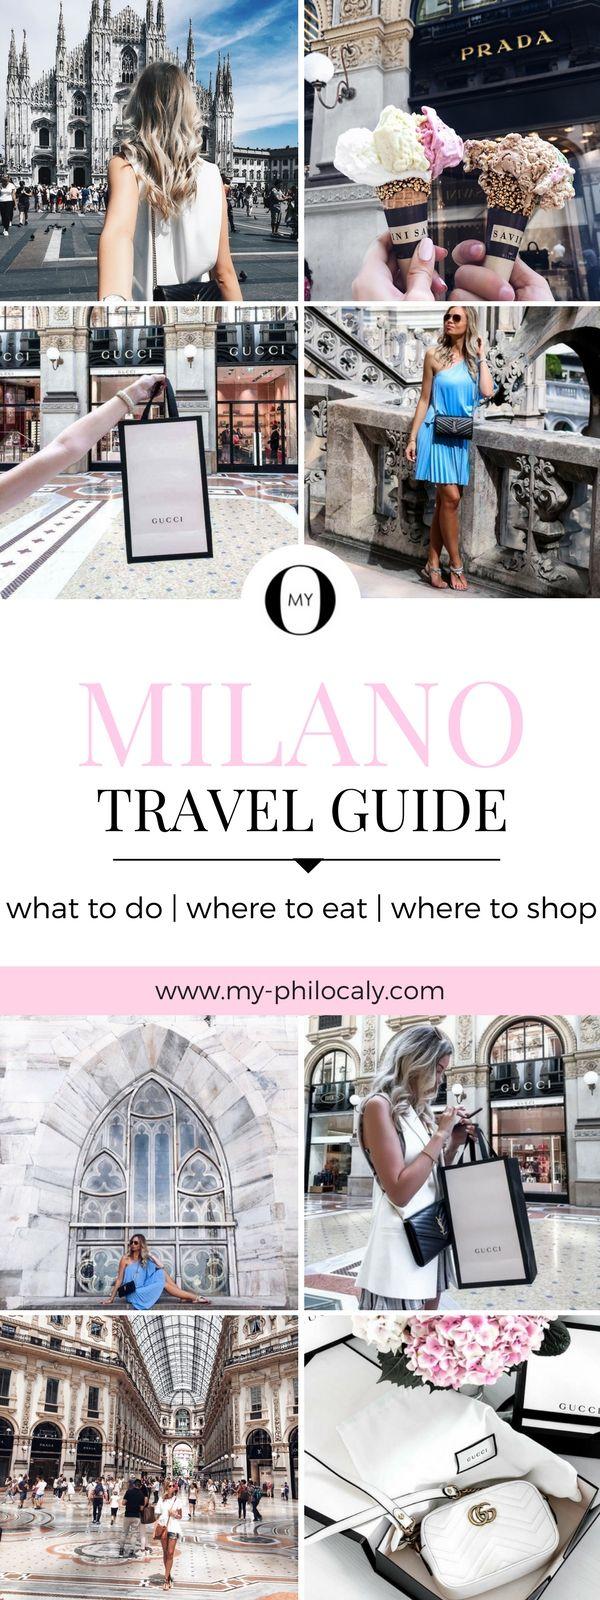 Erfahrt alles über Sightseeing in Mailand, was man sehen muss, wo man gut essen kann, wo sich Shopping lohnt und wo man die typischen Mailand Instagram Fotos schießt!